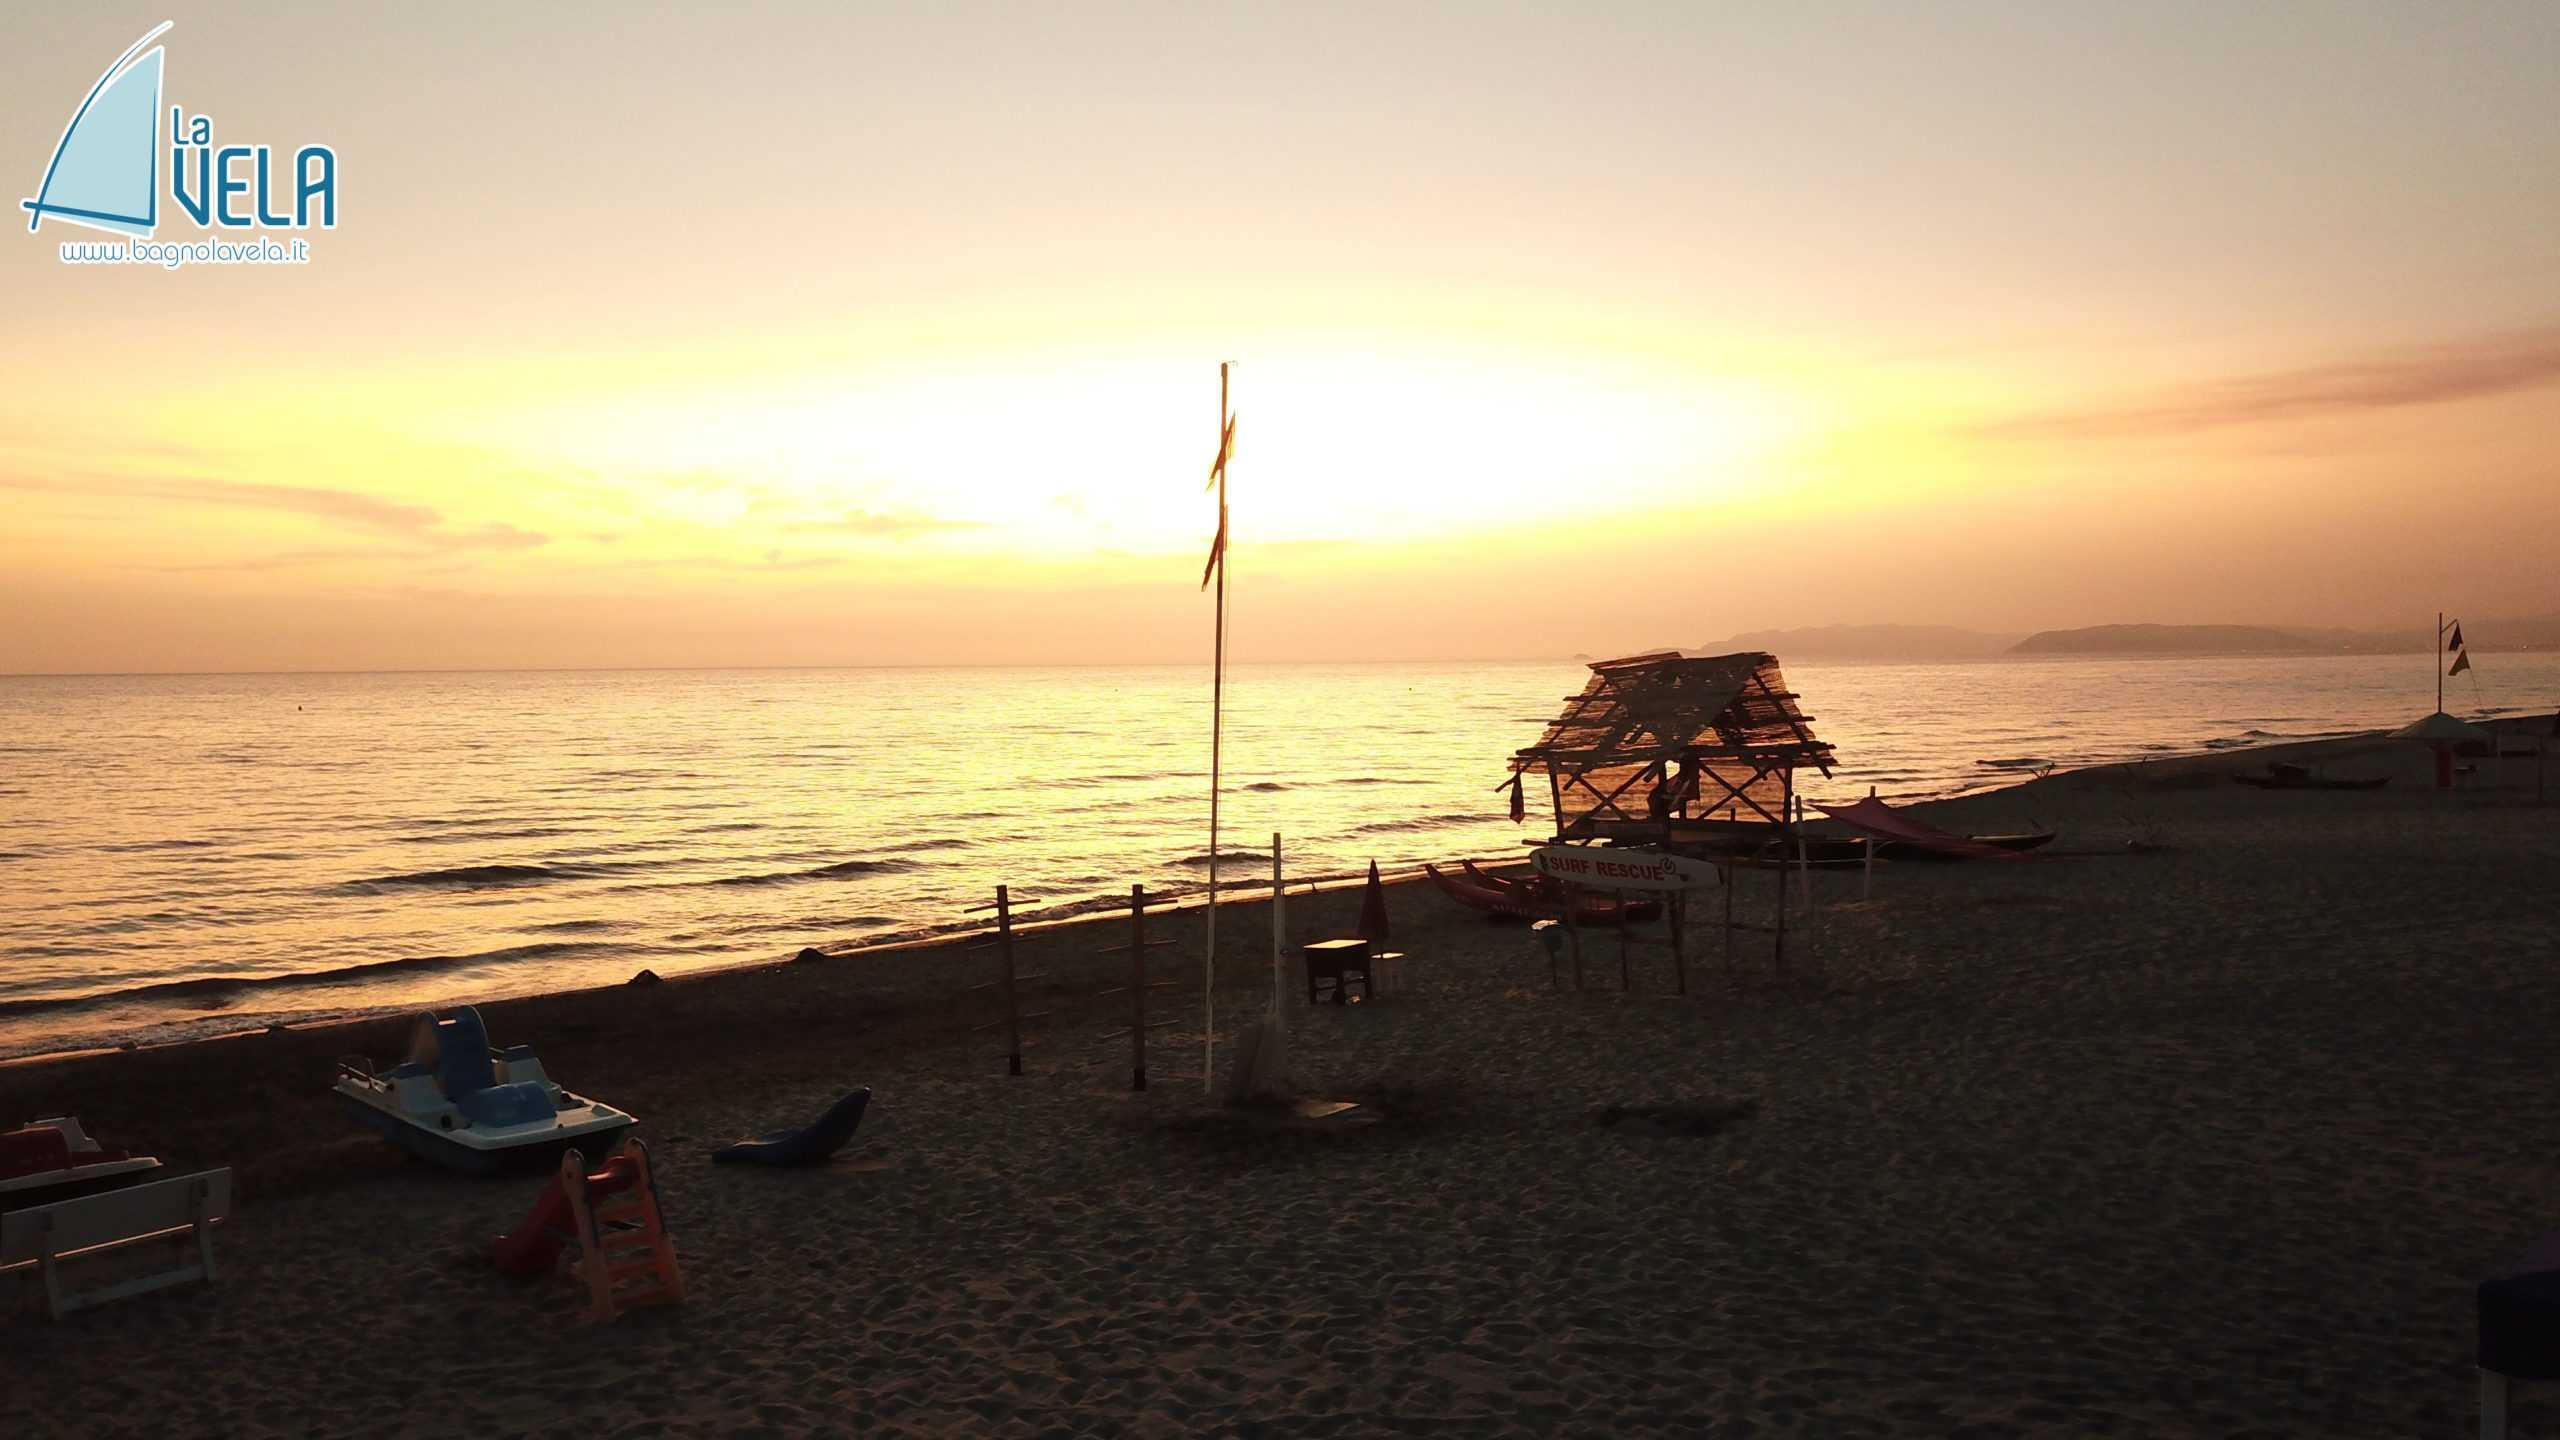 Ottimismo, ed inizio manutenzione per apertura spiaggia